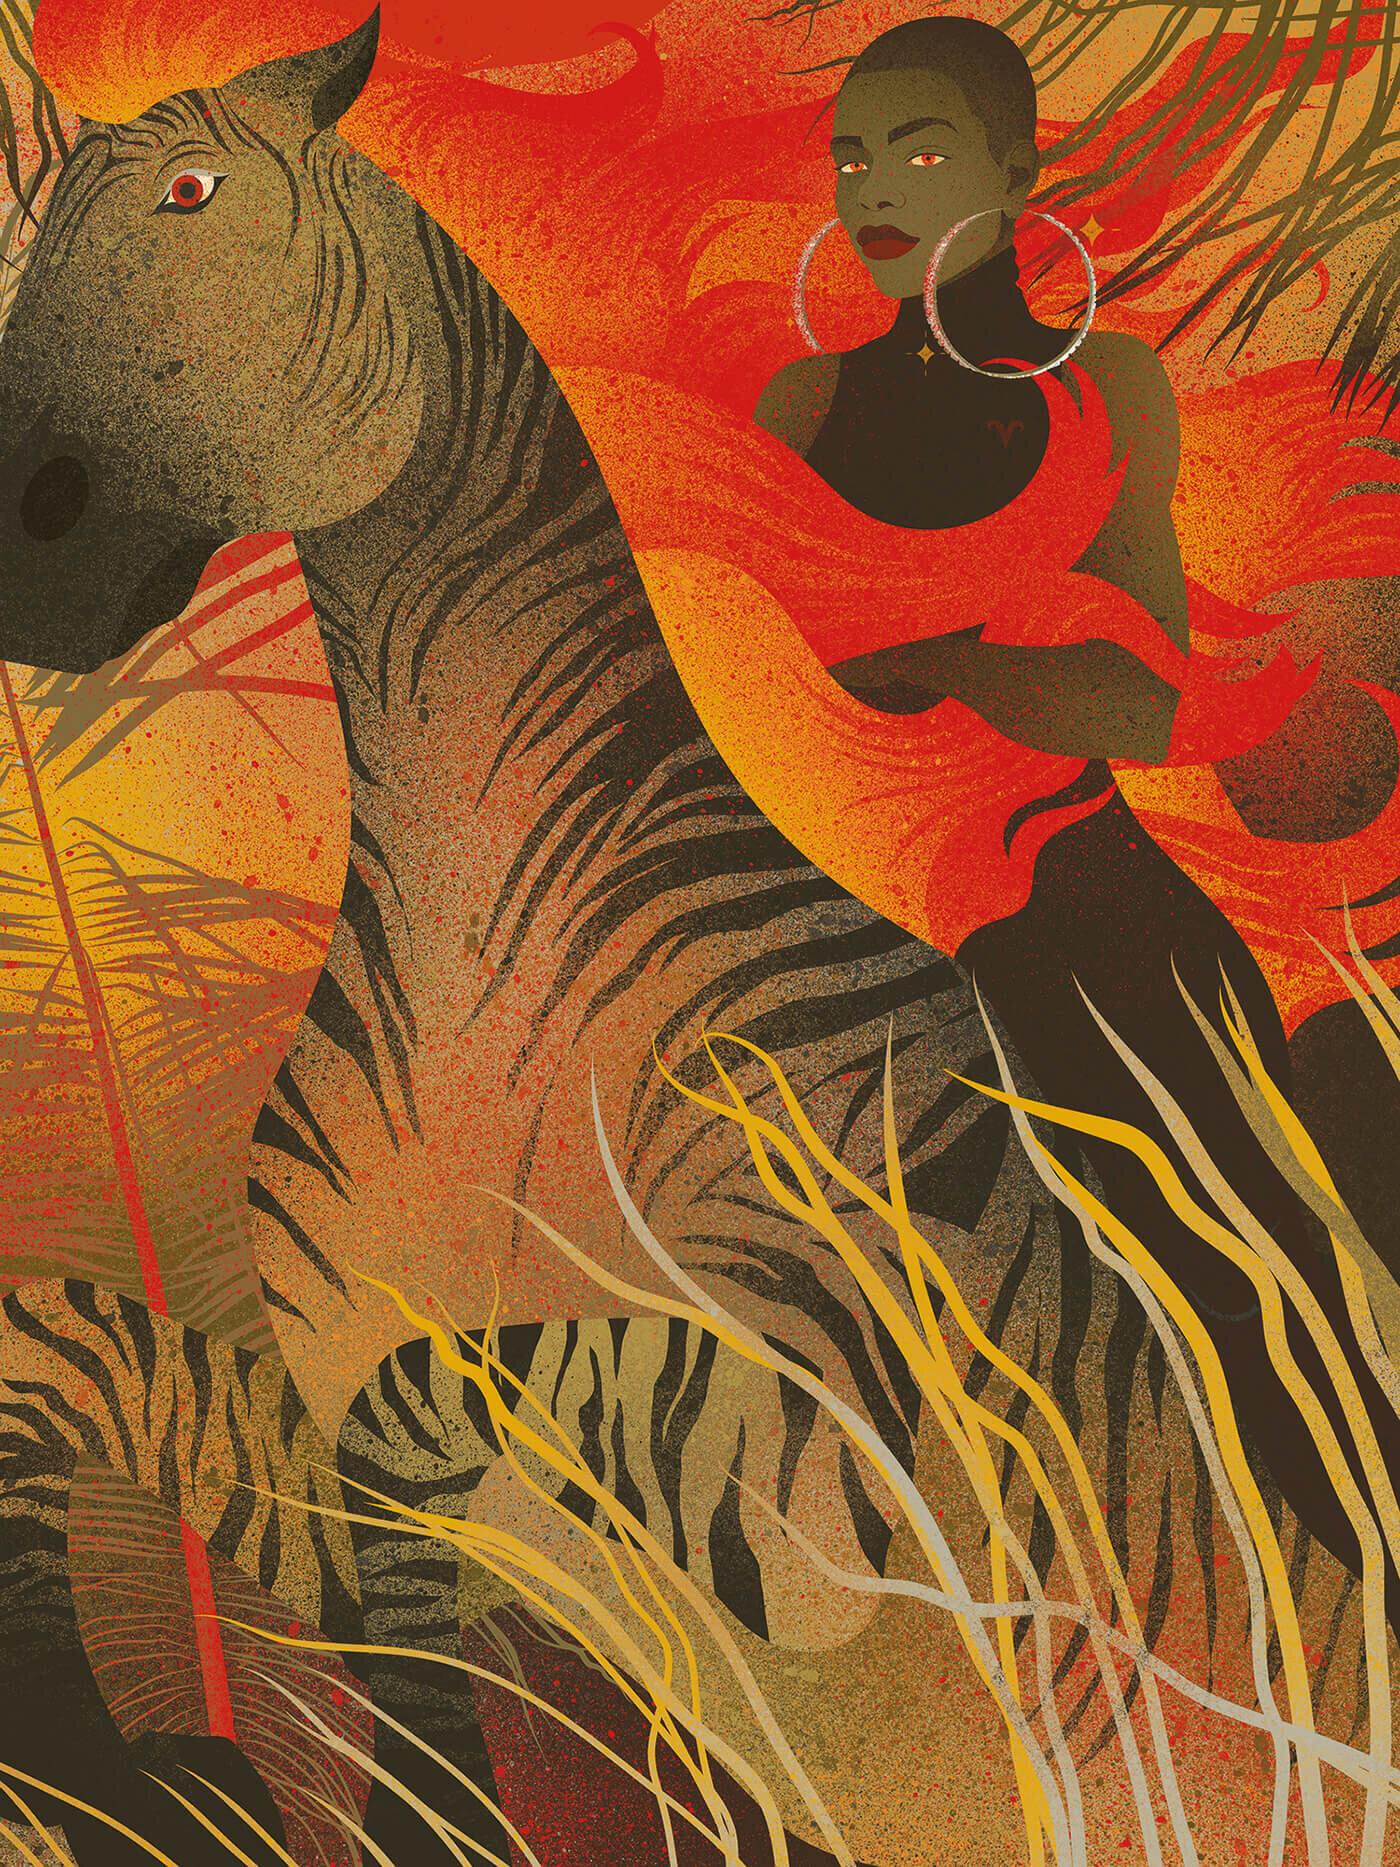 WANDA-Aries-Artprint.jpg